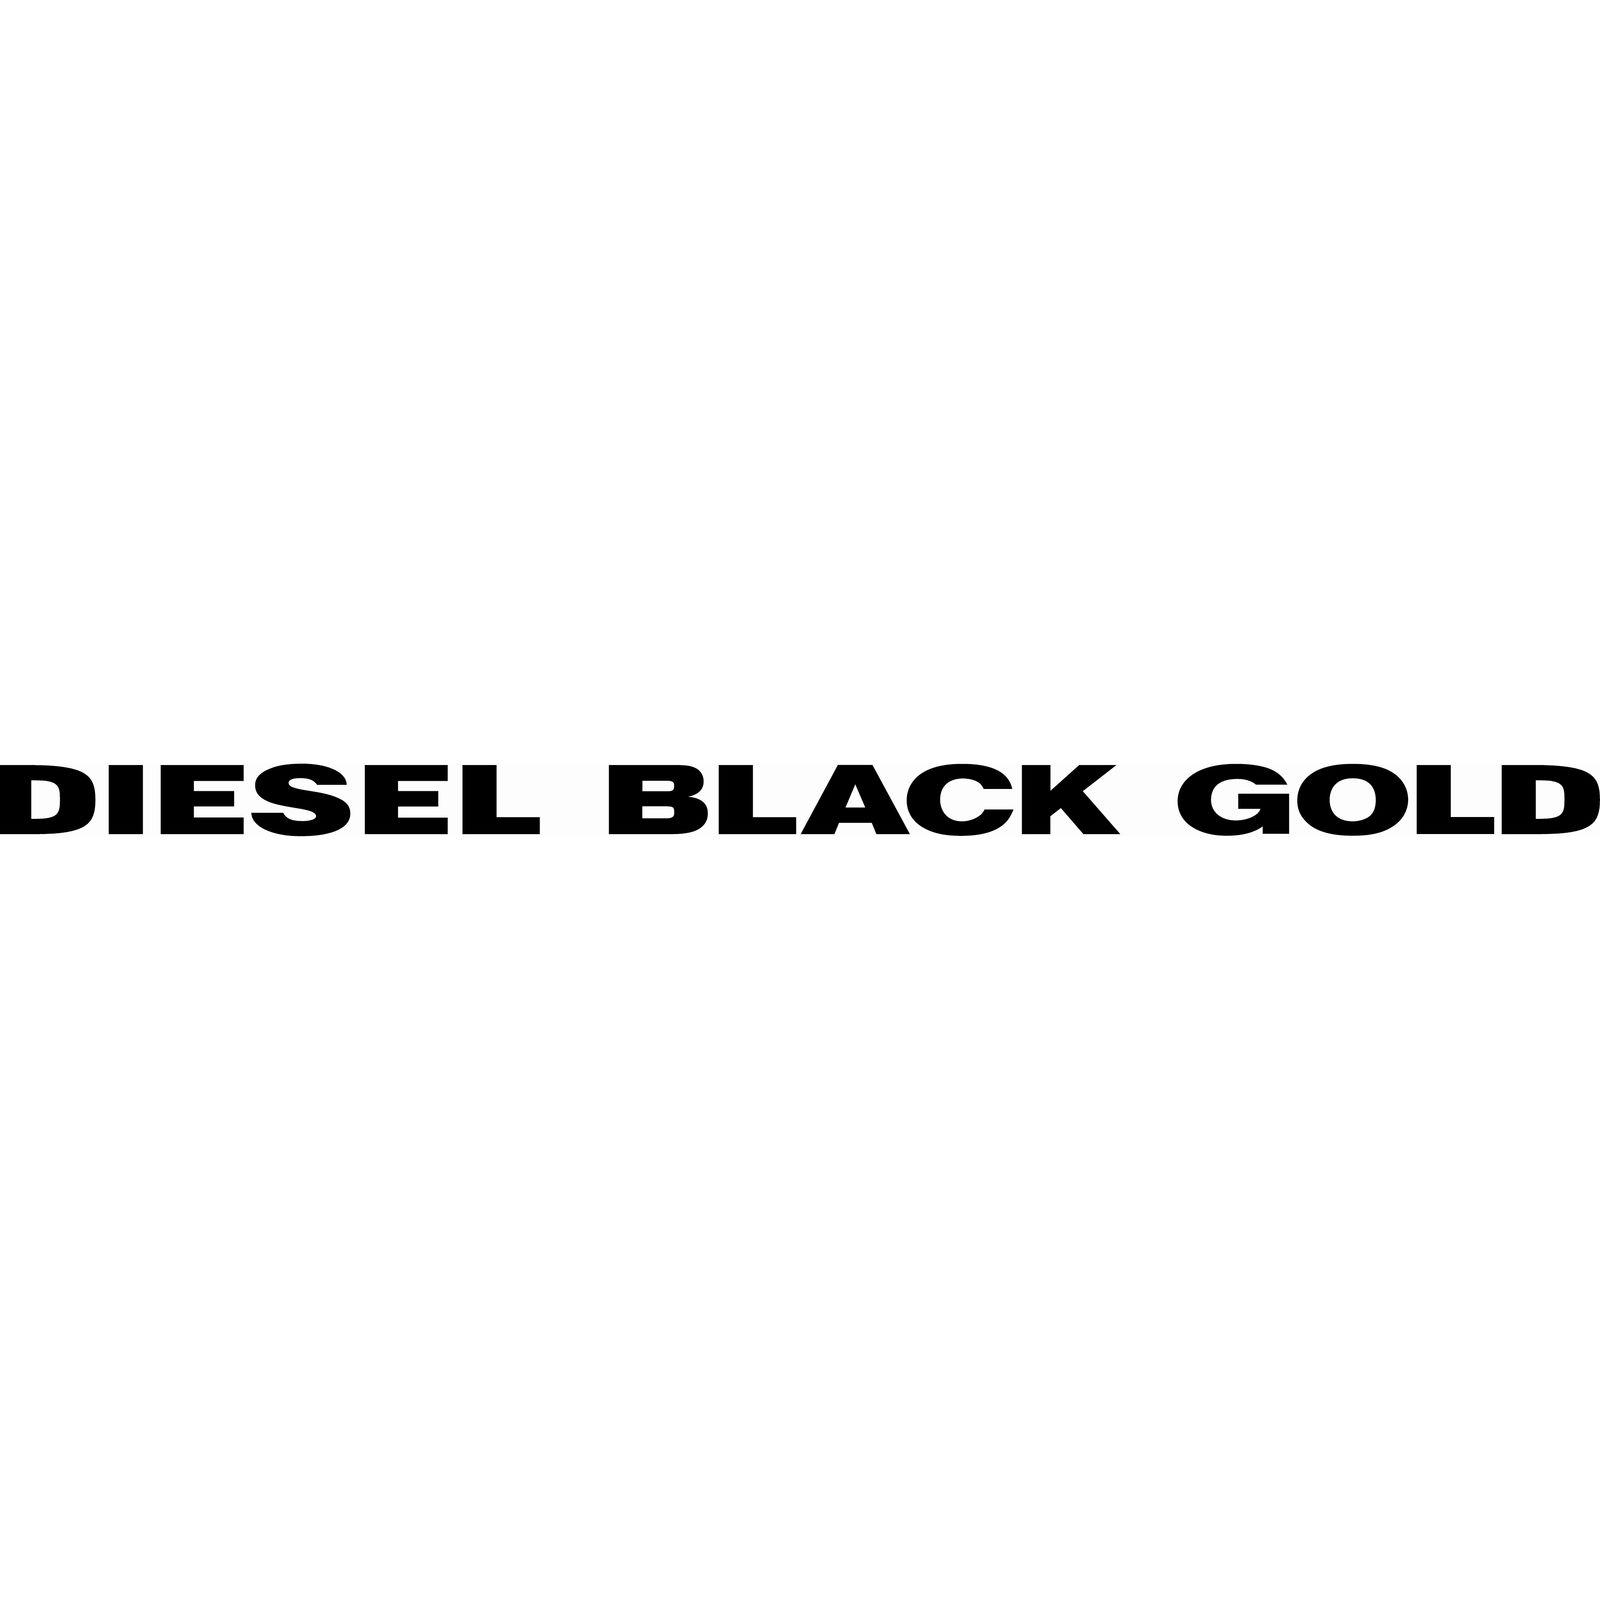 DIESEL BLACK GOLD (Bild 1)